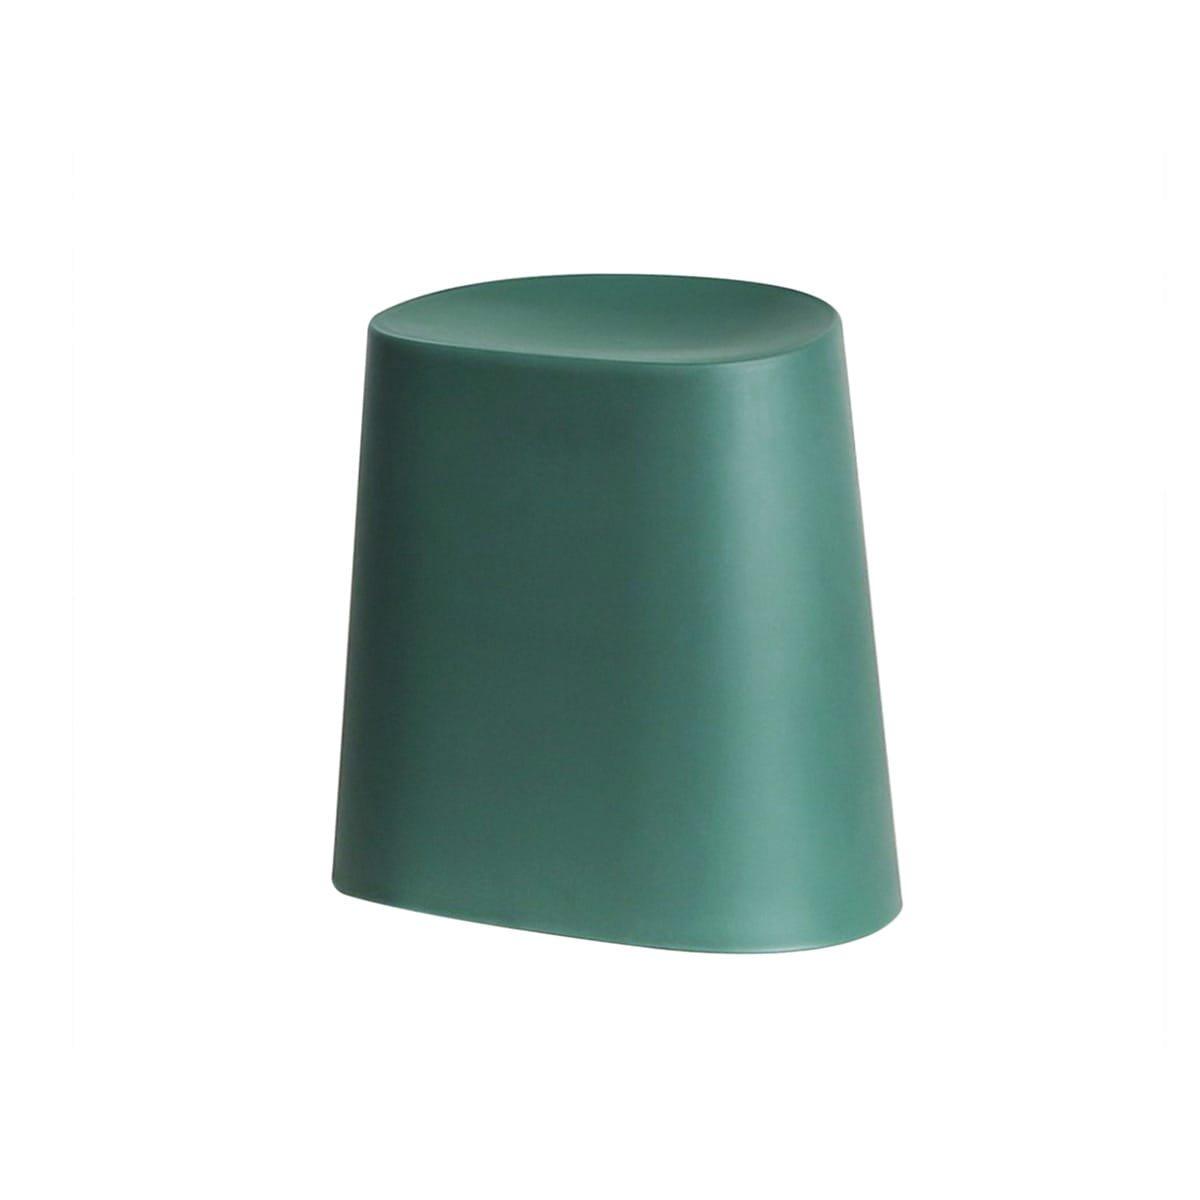 Sada 2 ks: Podnožka/sedák Relish Pp – zelená